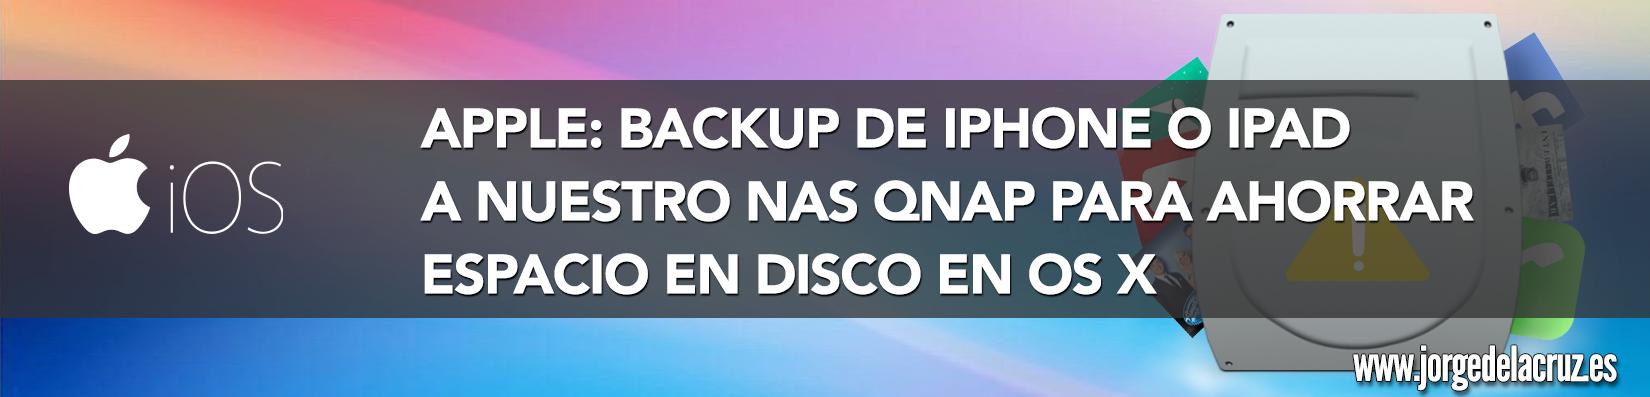 Apple: Backup de iPhone o iPad a nuestro NAS QNAP para ahorrar